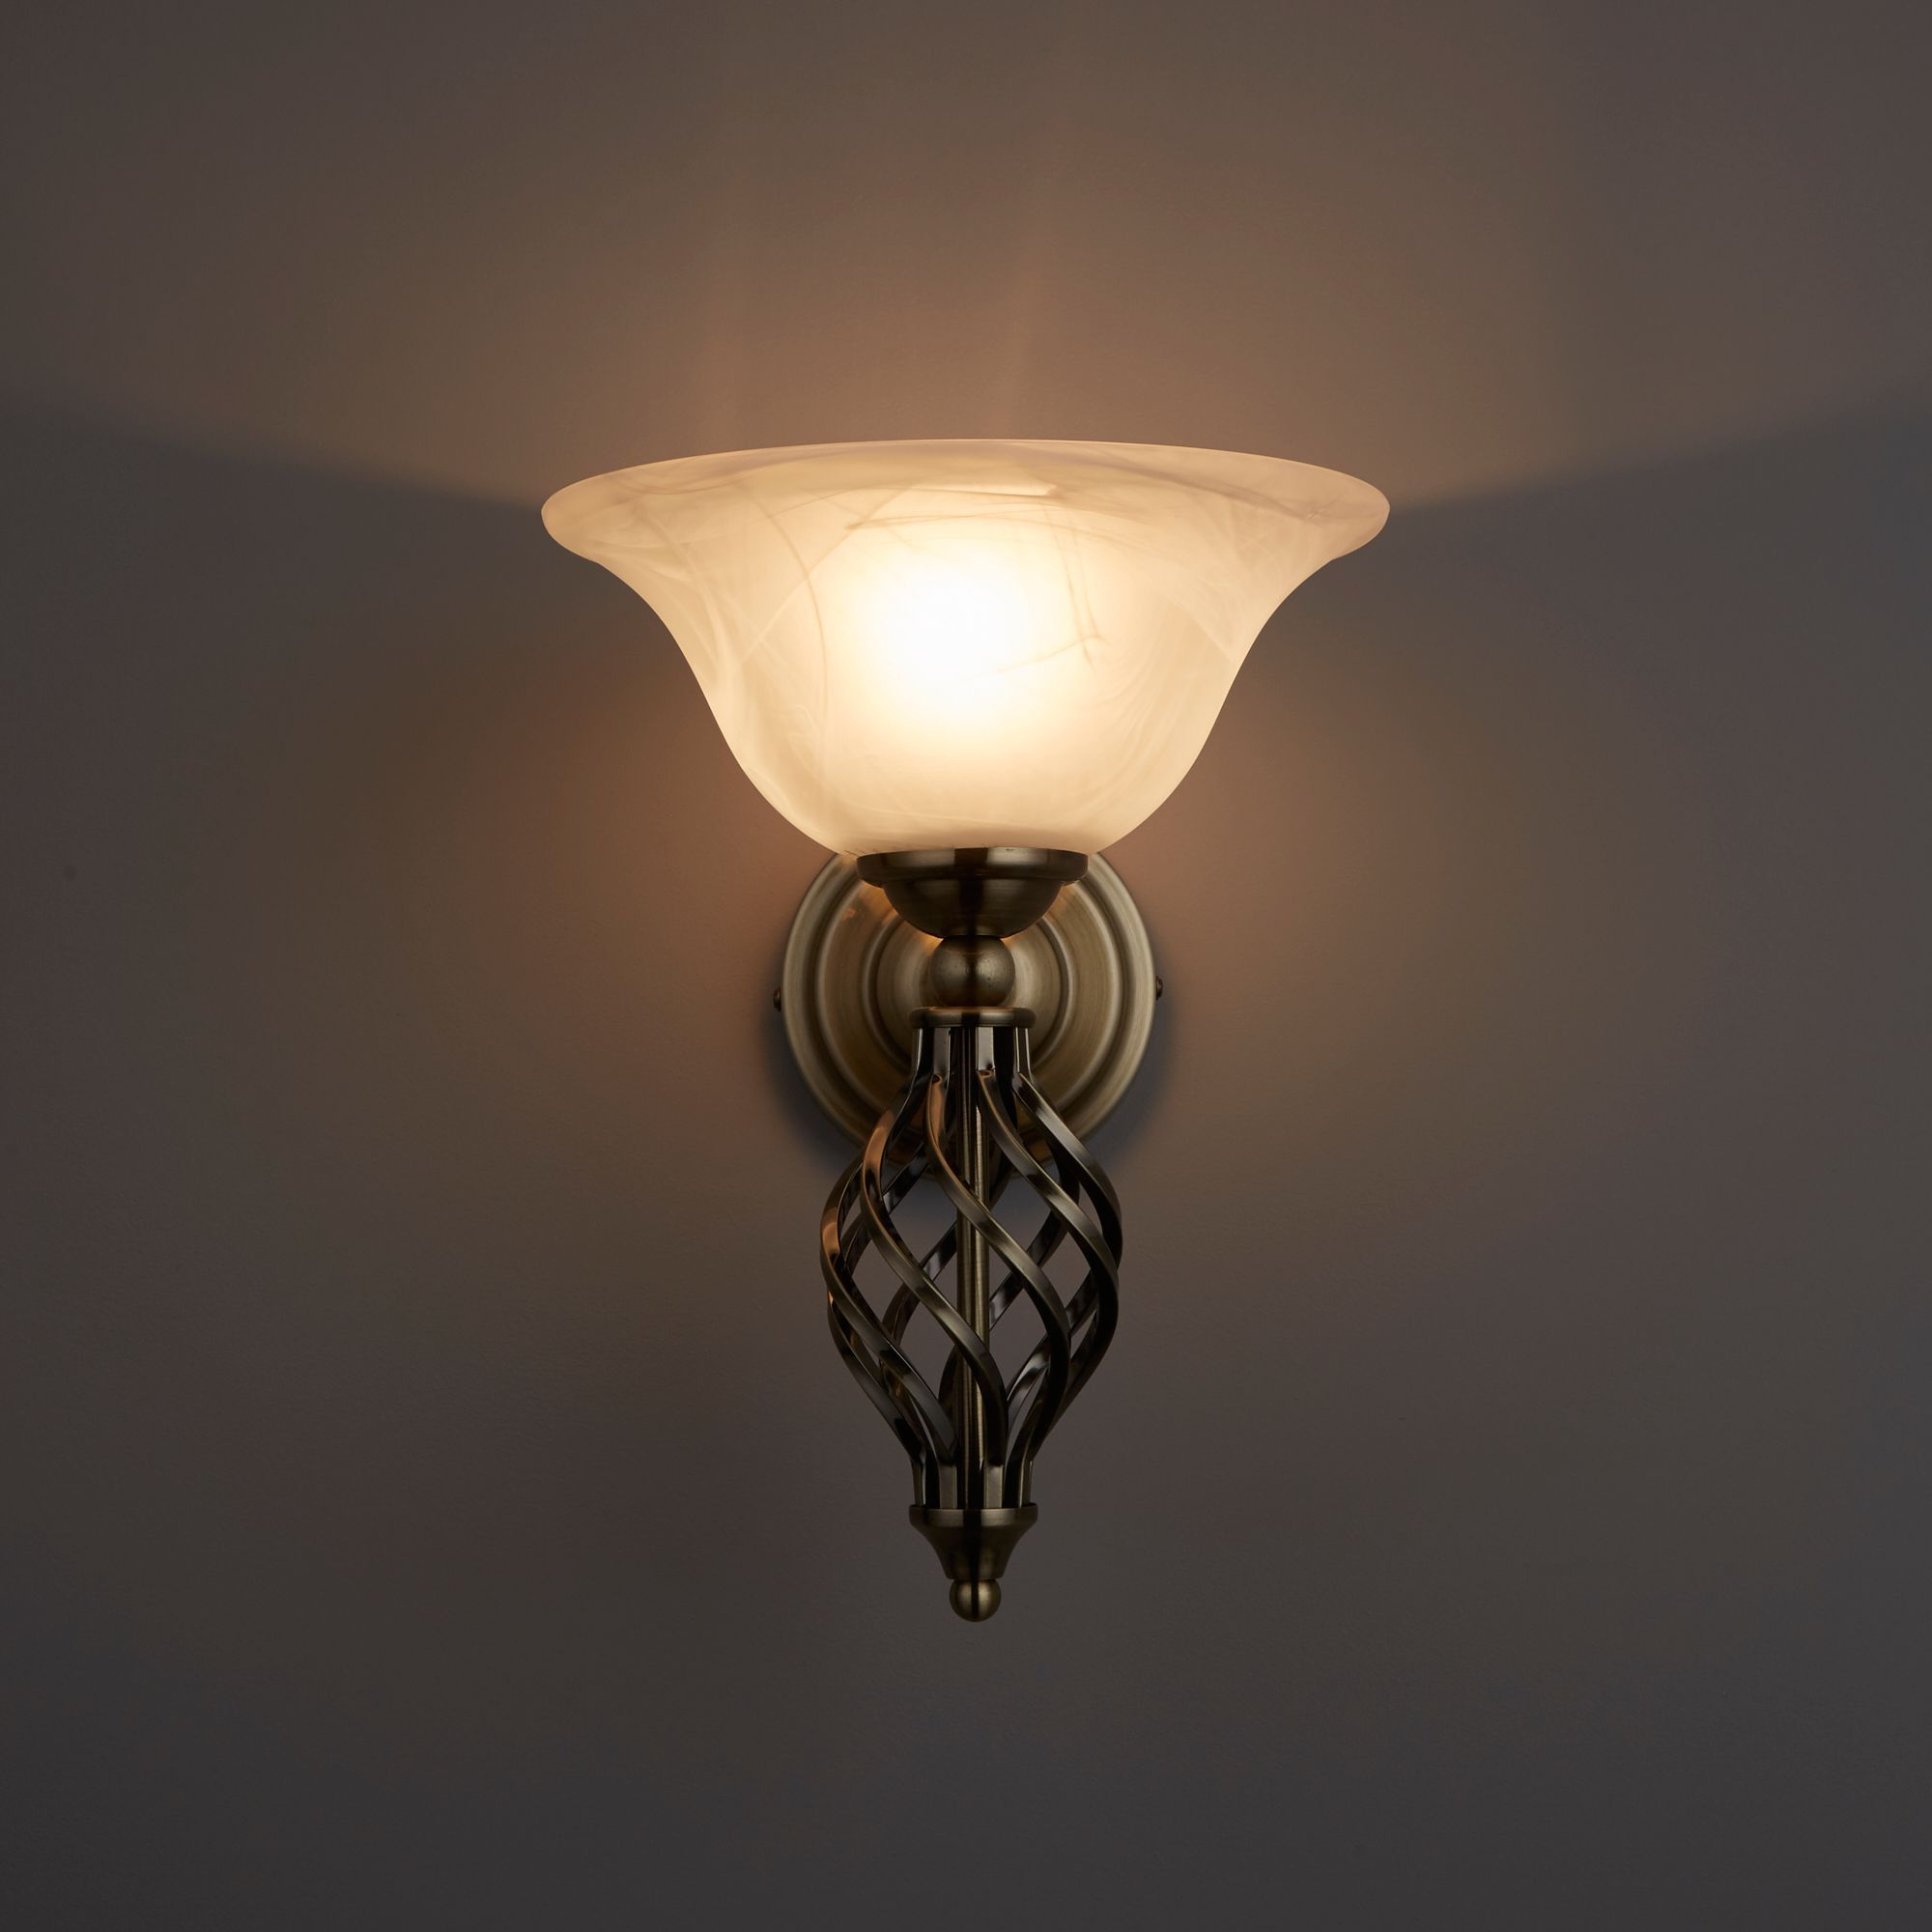 Rolli Antique Brass Effect Wall Light Departments